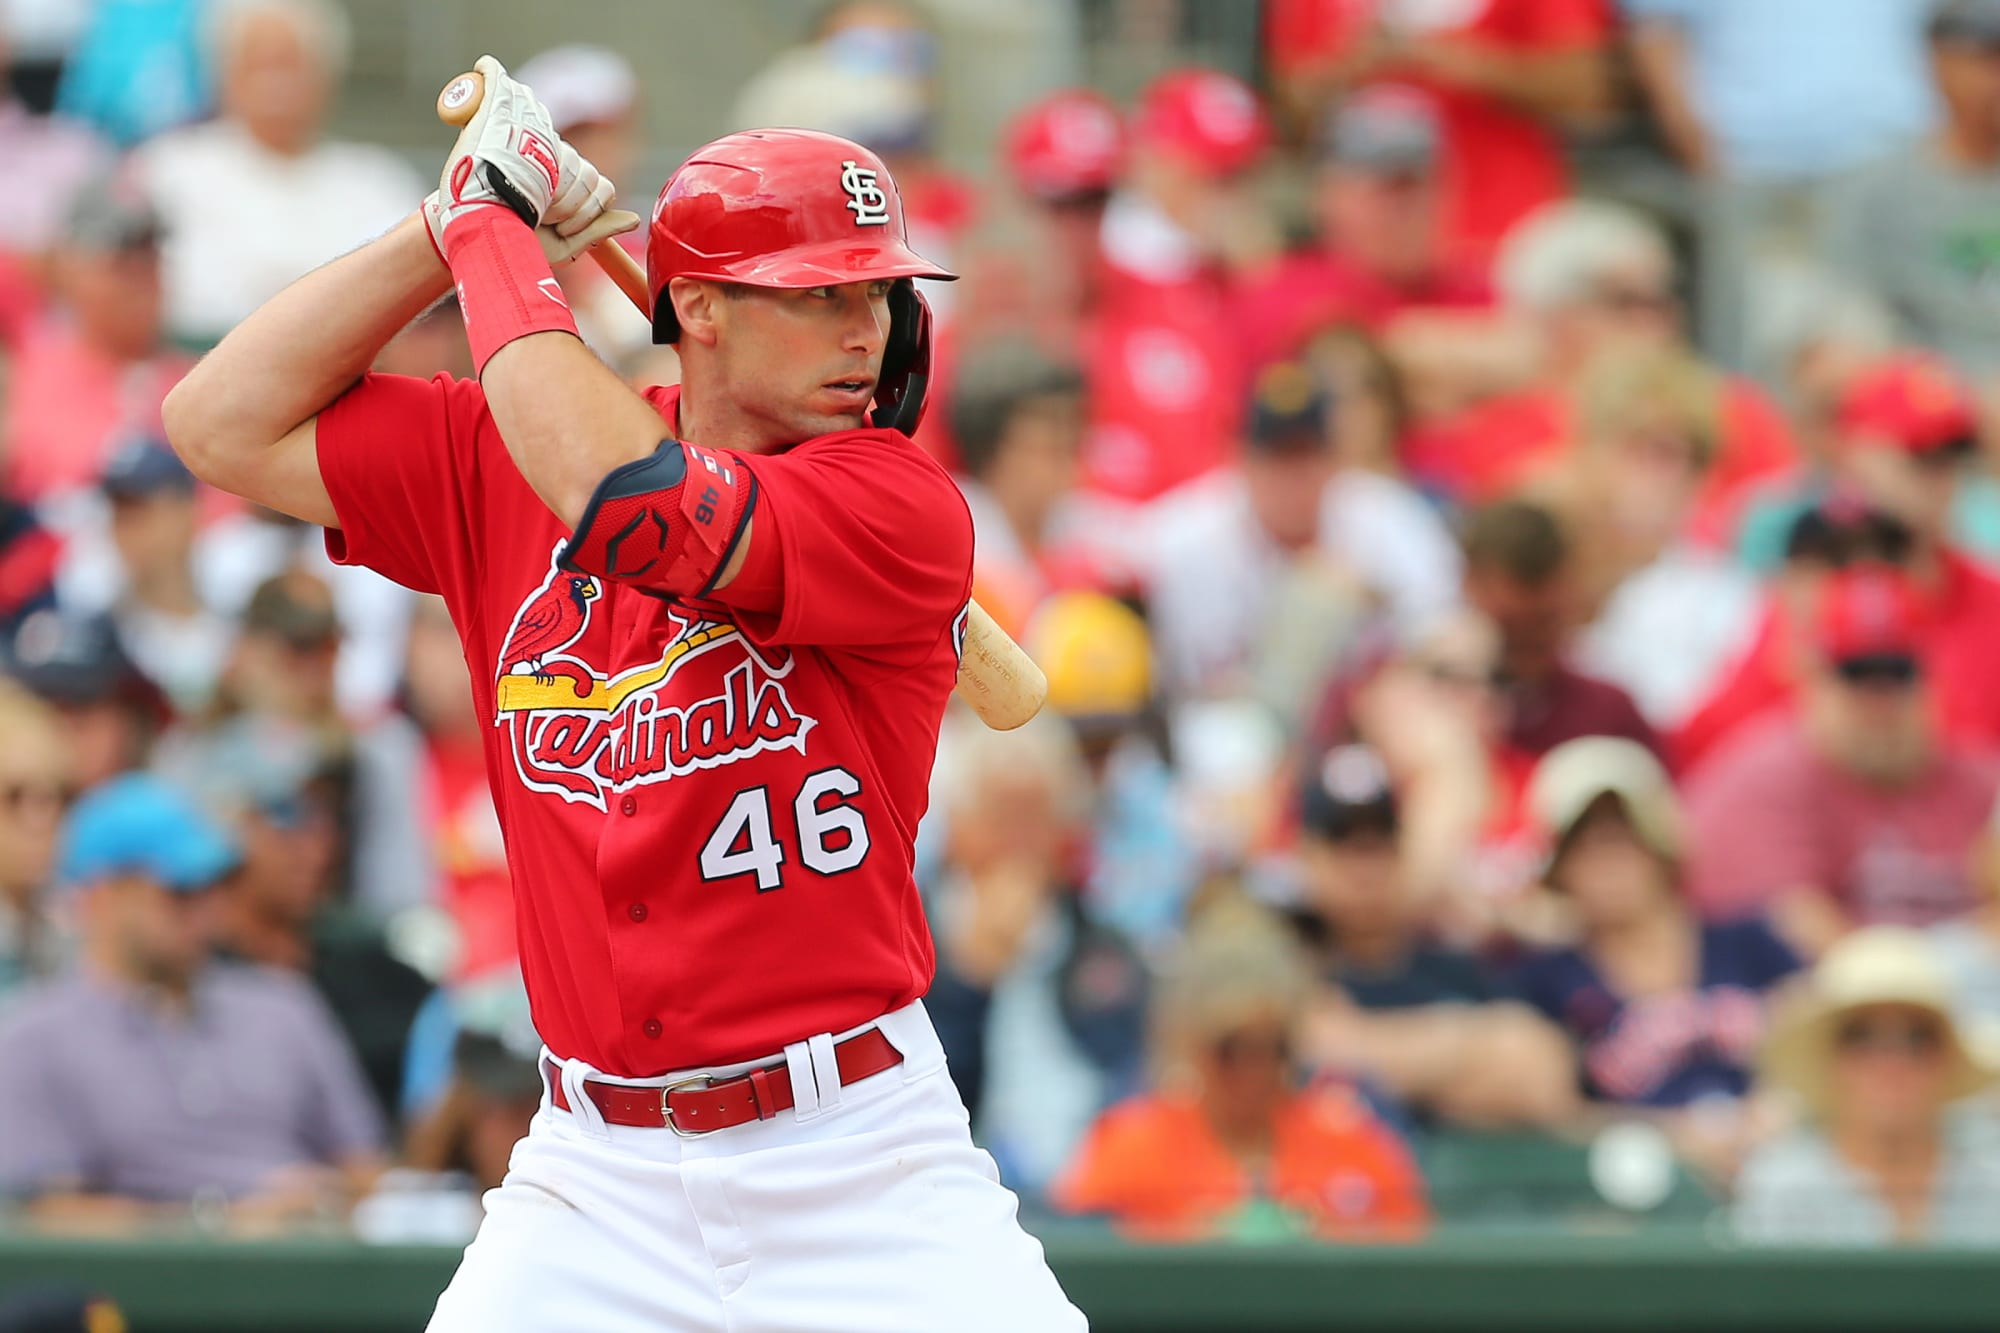 Cardinals fans react to Paul Goldschmidt's walk-off home run